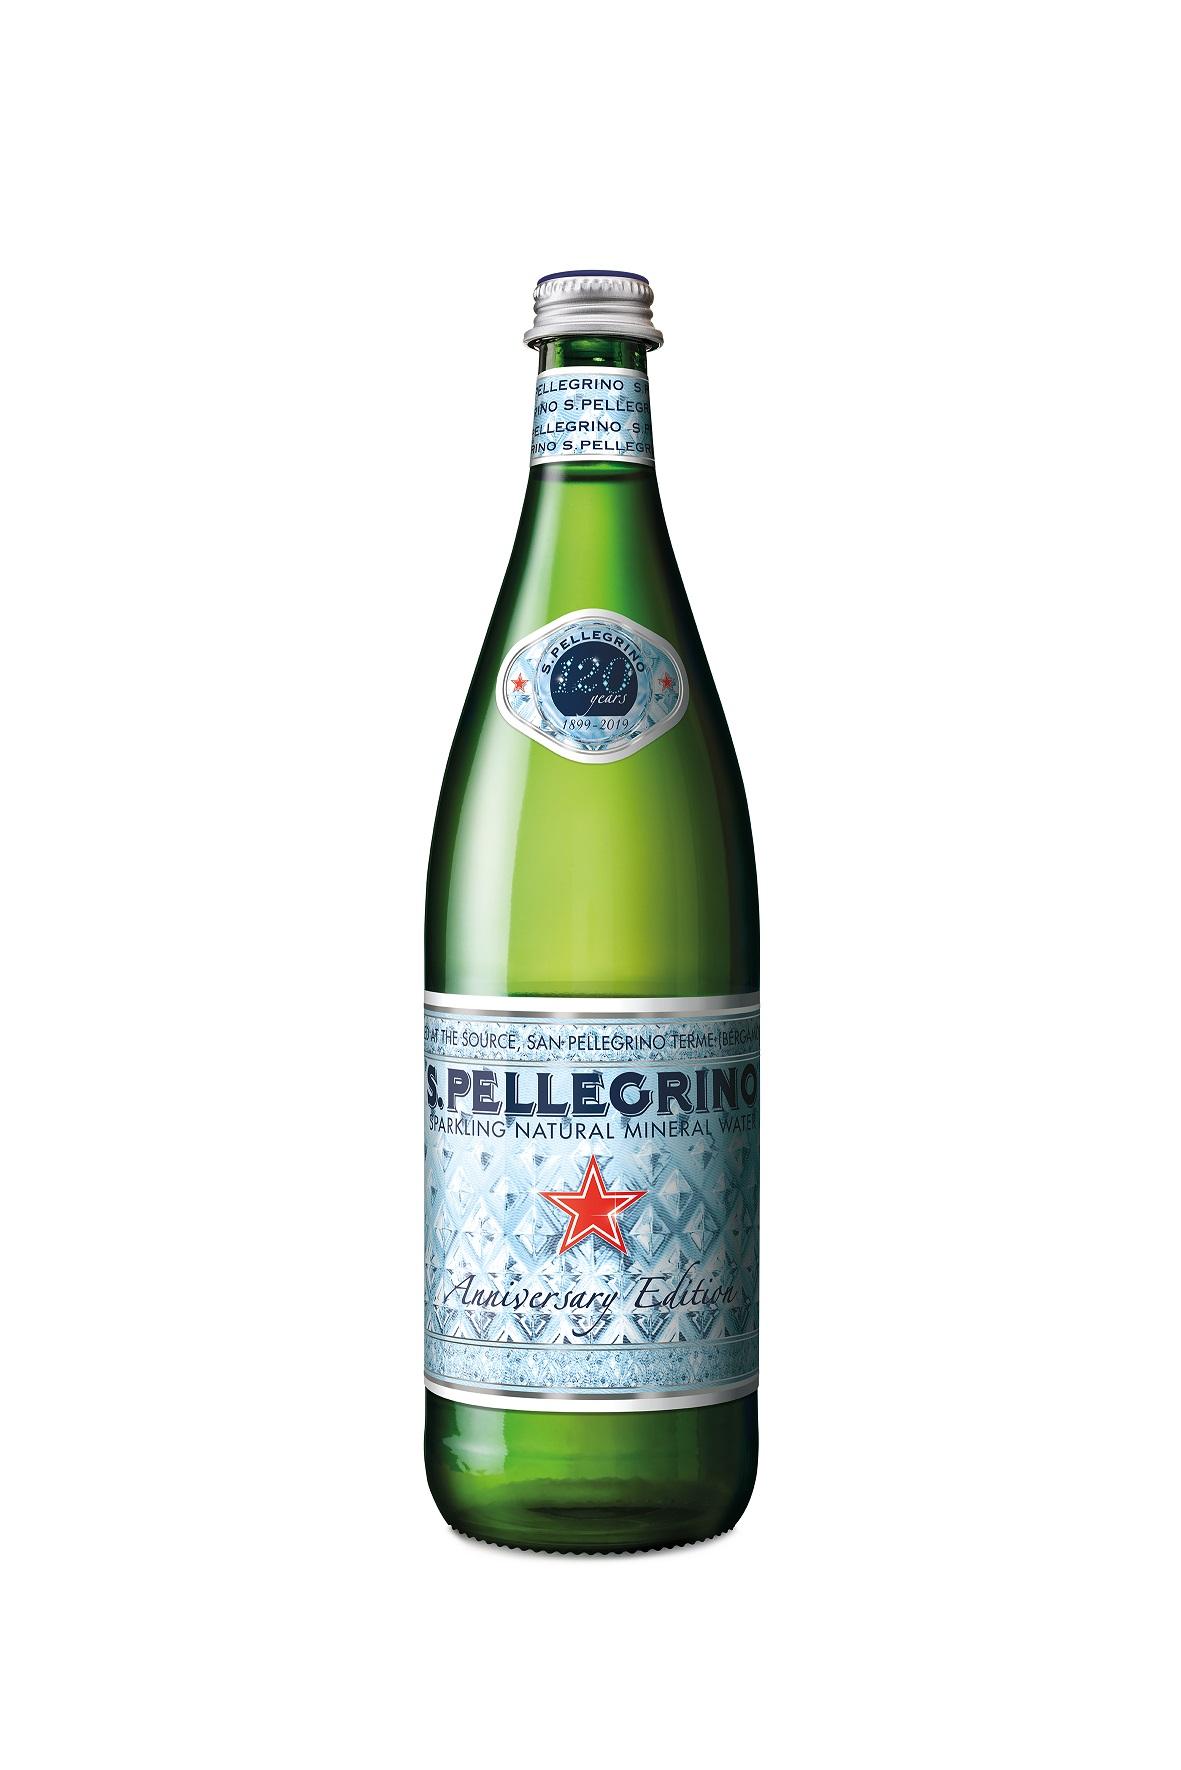 Νερό Φυσικό Μεταλλικό Ανθρακούχο San Pellegrino (750 ml)